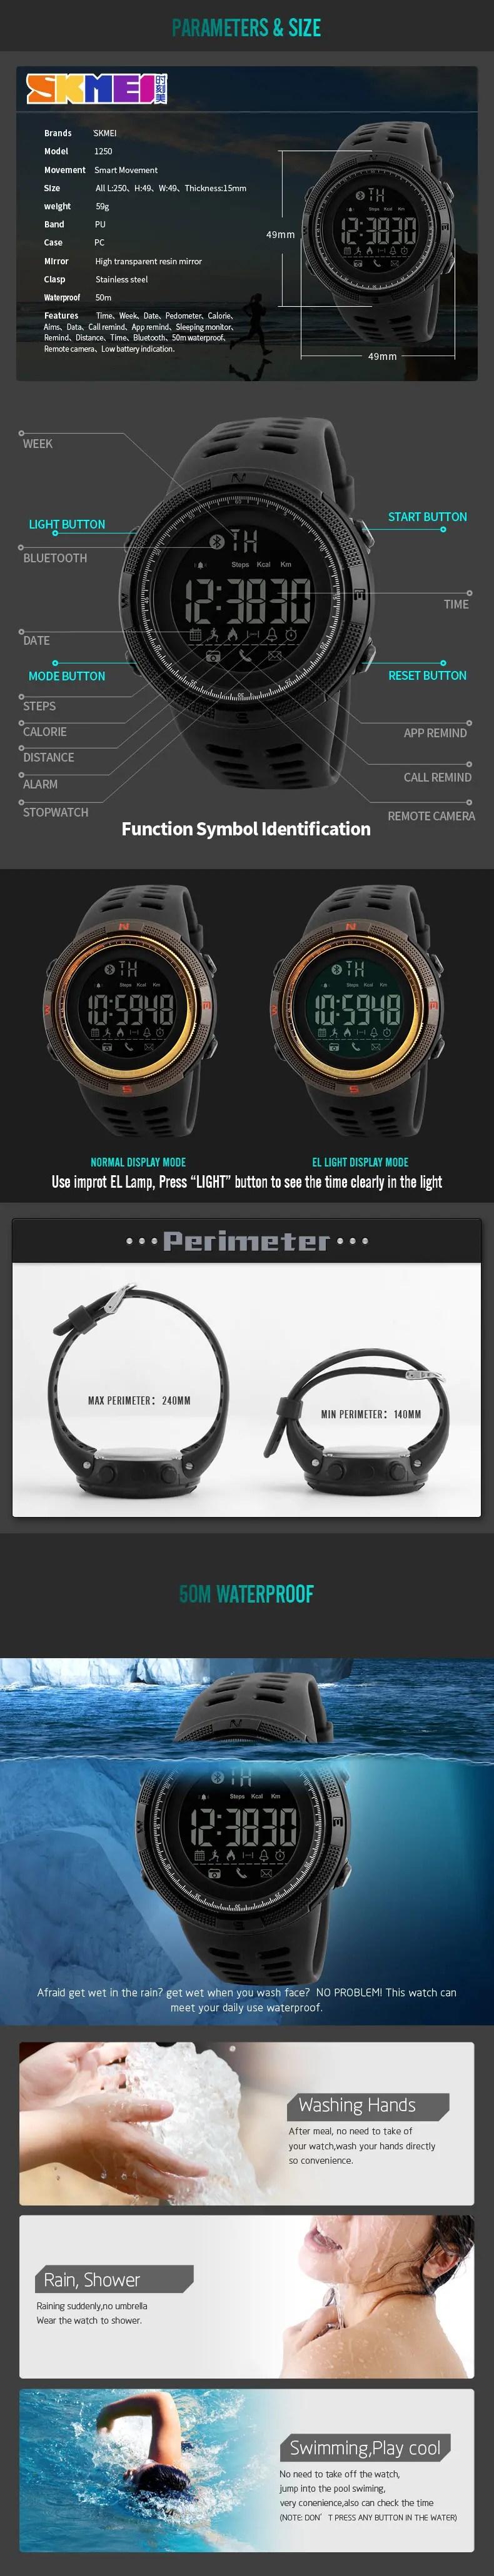 skmei 1250 smart watch 5c7db830 2421 4cf8 8585 0afe5f565335.jpg   Online In Pakistan